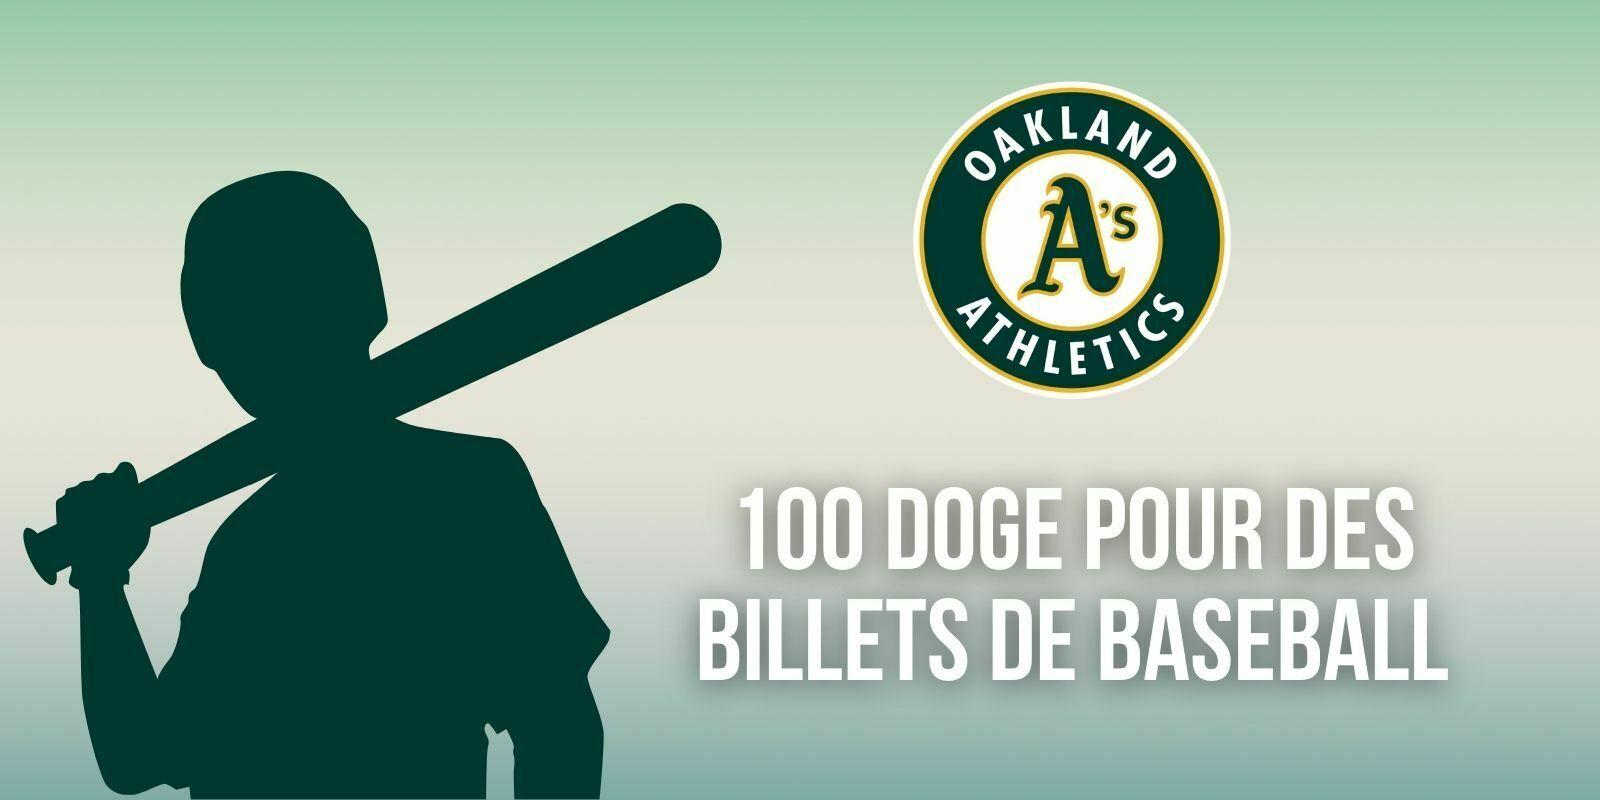 Une équipe de baseball vend des tickets pour 100 Dogecoin (DOGE)